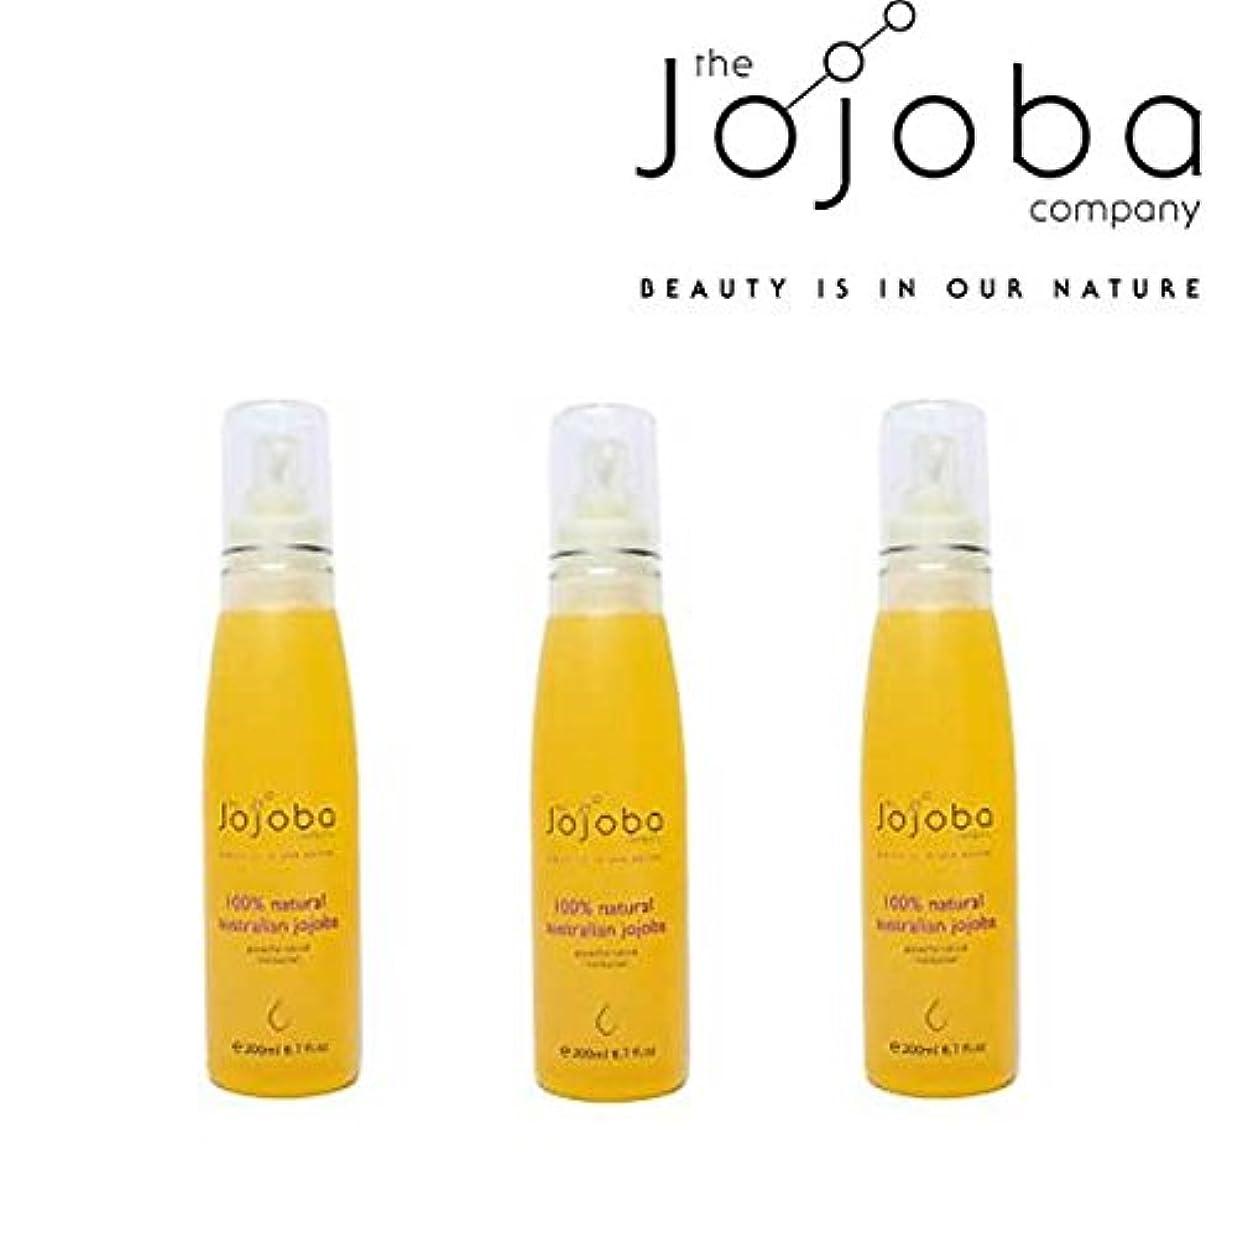 幾分動的見かけ上[The jojoba Company]天然100% オーストラリア産ゴールデンホホバオイル200ml(3本セット)[海外直送品]